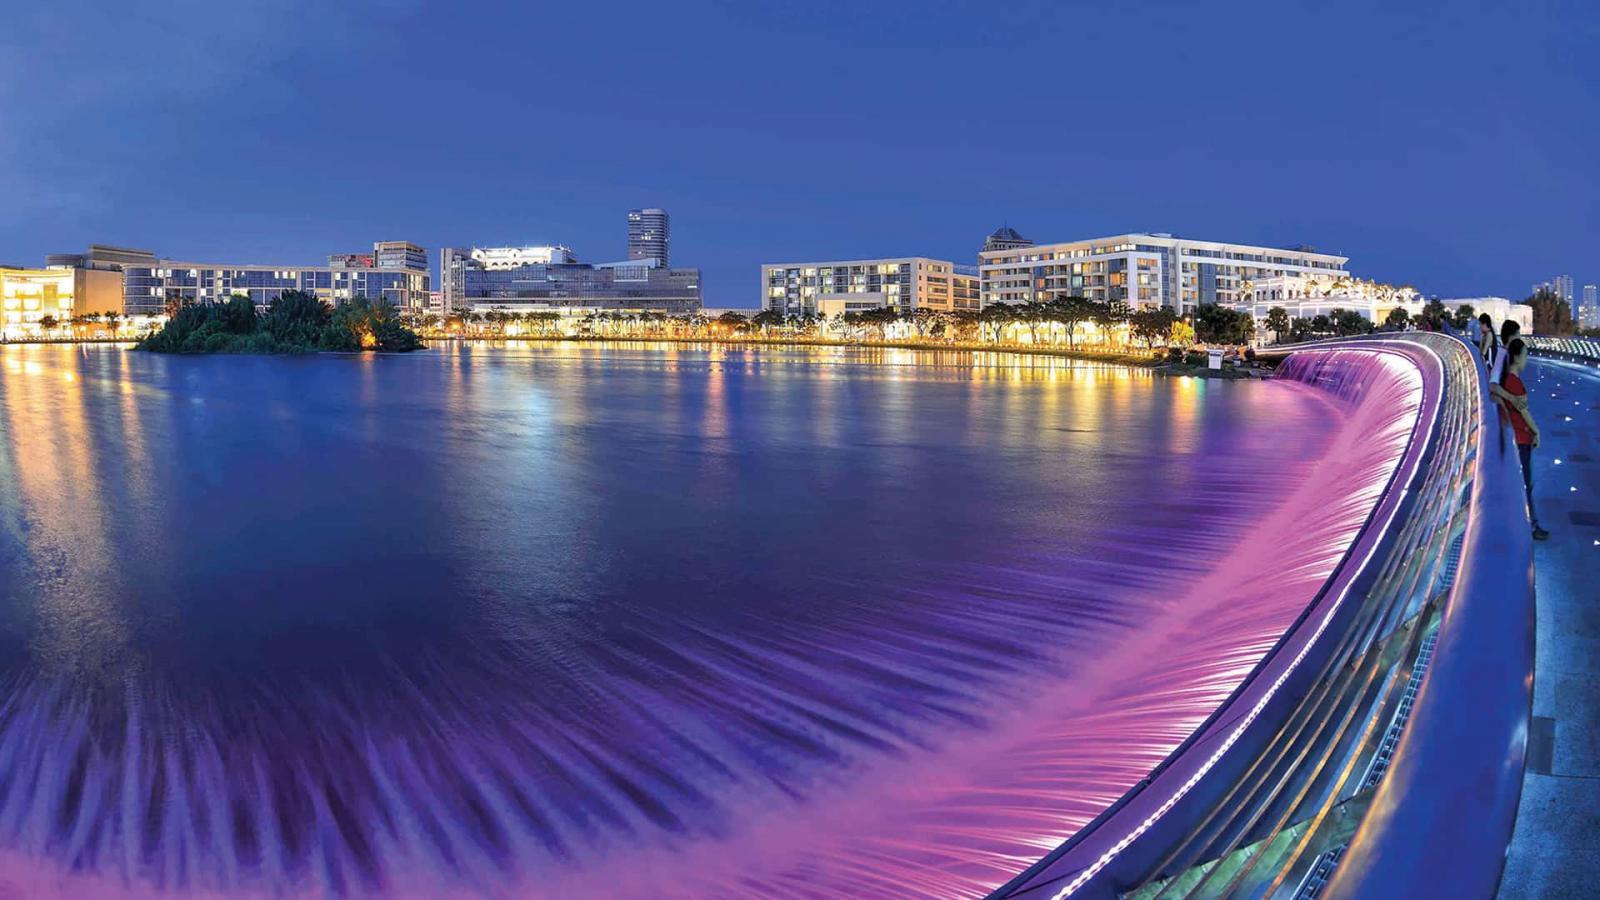 Hồ Bán Nguyệt + Cầu Ánh Sao nối kết phố đi bộ dài 700m của Khu The Crescent với Khu Kênh Đào